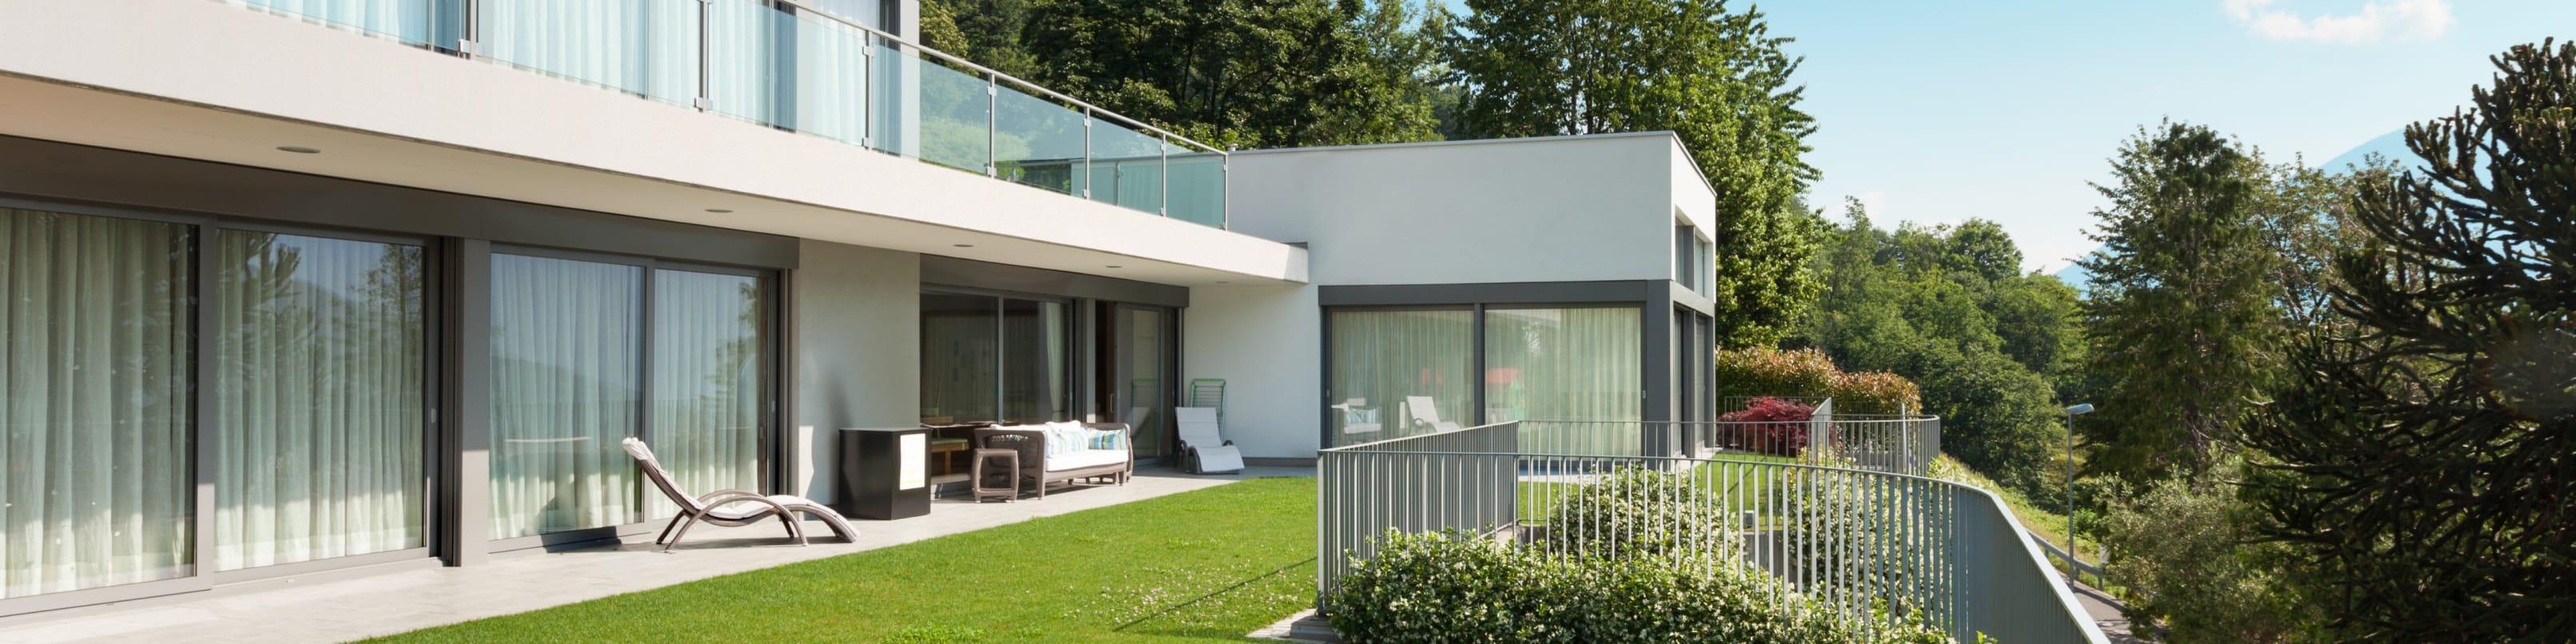 Ipoteca per una casa in Svizzera